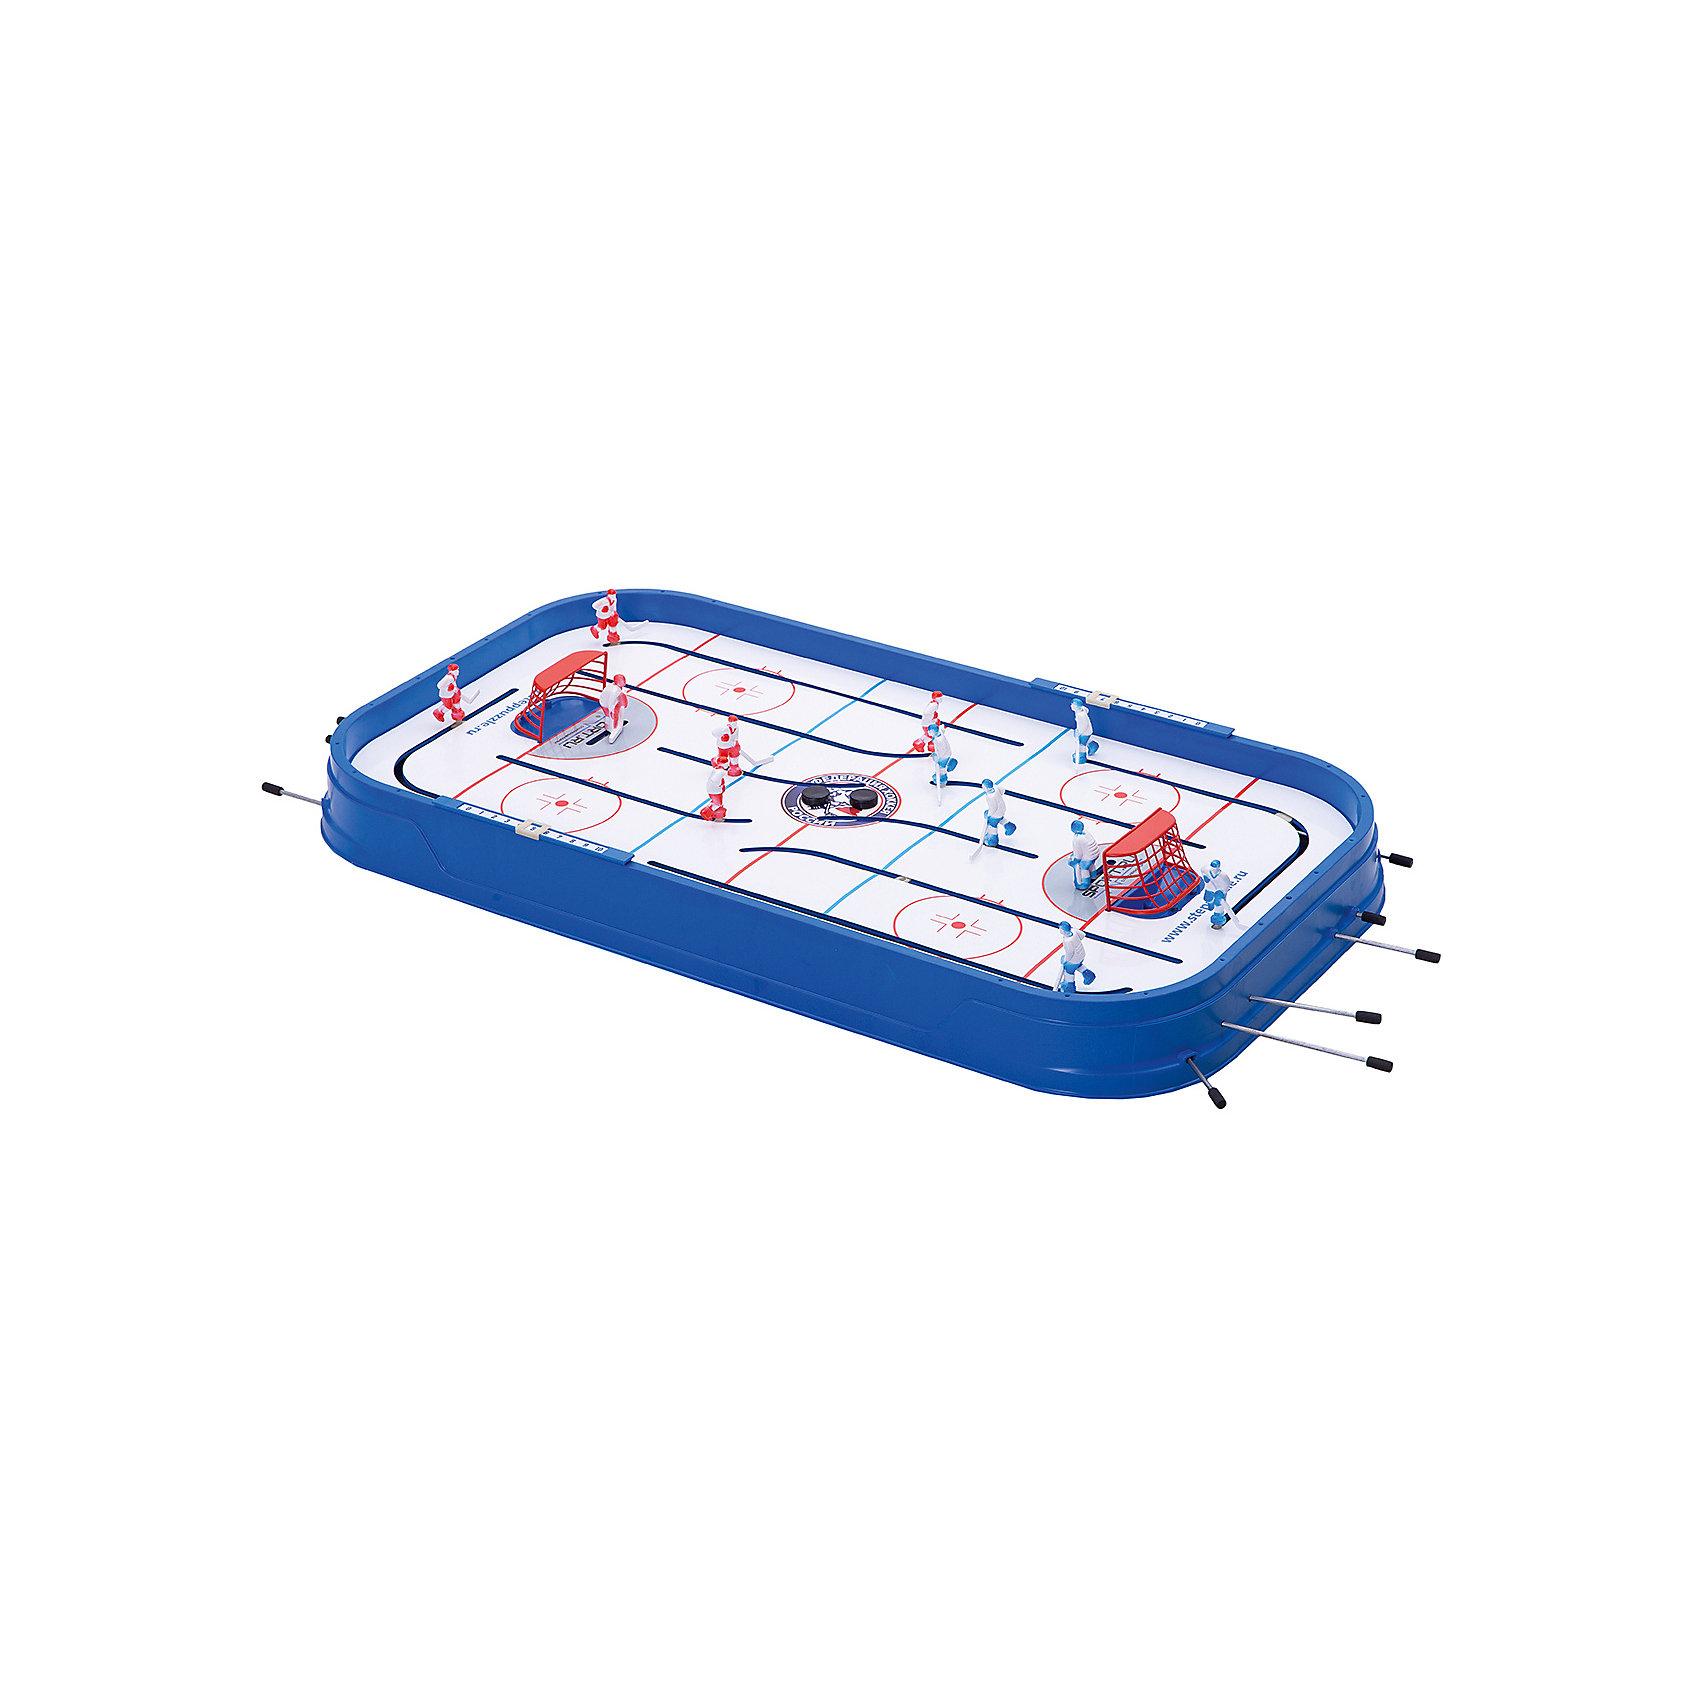 Настольная детская игра Хоккей, Степ ПазлИгры для развлечений<br>Настольная детская игра Хоккей, Степ Пазл.<br><br>Характеристики:<br><br>• В набор входит: игровое поле, 12 игроков, 2 табло, 2 ворот, 2 шайбы, запасные детали, инструкция и правила игры<br>• Количество игроков: от 2х до 4х<br>• Время 1 партии: 20-25 мин.<br>• Размер упаковки: 98 * 9 * 53 см.<br>• Состав: пластик, металл<br>• Вес: 3700 гр.<br>• Для детей в возрасте: от 5 до 12 лет<br>• Страна производитель: Россия<br><br>Настольный хоккей - игра для детей и взрослых, которая позволит увлекательно провести время в семье и с друзьями. Две команды объемных хоккеистов в форме разных цветов. Табло счета. Левый нападающий, заезжающий за ворота противника, придает игре больше динамичности и реализма. Играйте в настольный хоккей, устраивайте турниры и почувствуйте себя настоящими хоккеистами. <br><br>Настольную детскую игру Хоккей, Степ Пазл, можно купить в нашем интернет – магазине.<br><br>Ширина мм: 980<br>Глубина мм: 470<br>Высота мм: 530<br>Вес г: 18500<br>Возраст от месяцев: 60<br>Возраст до месяцев: 2147483647<br>Пол: Мужской<br>Возраст: Детский<br>SKU: 5435625